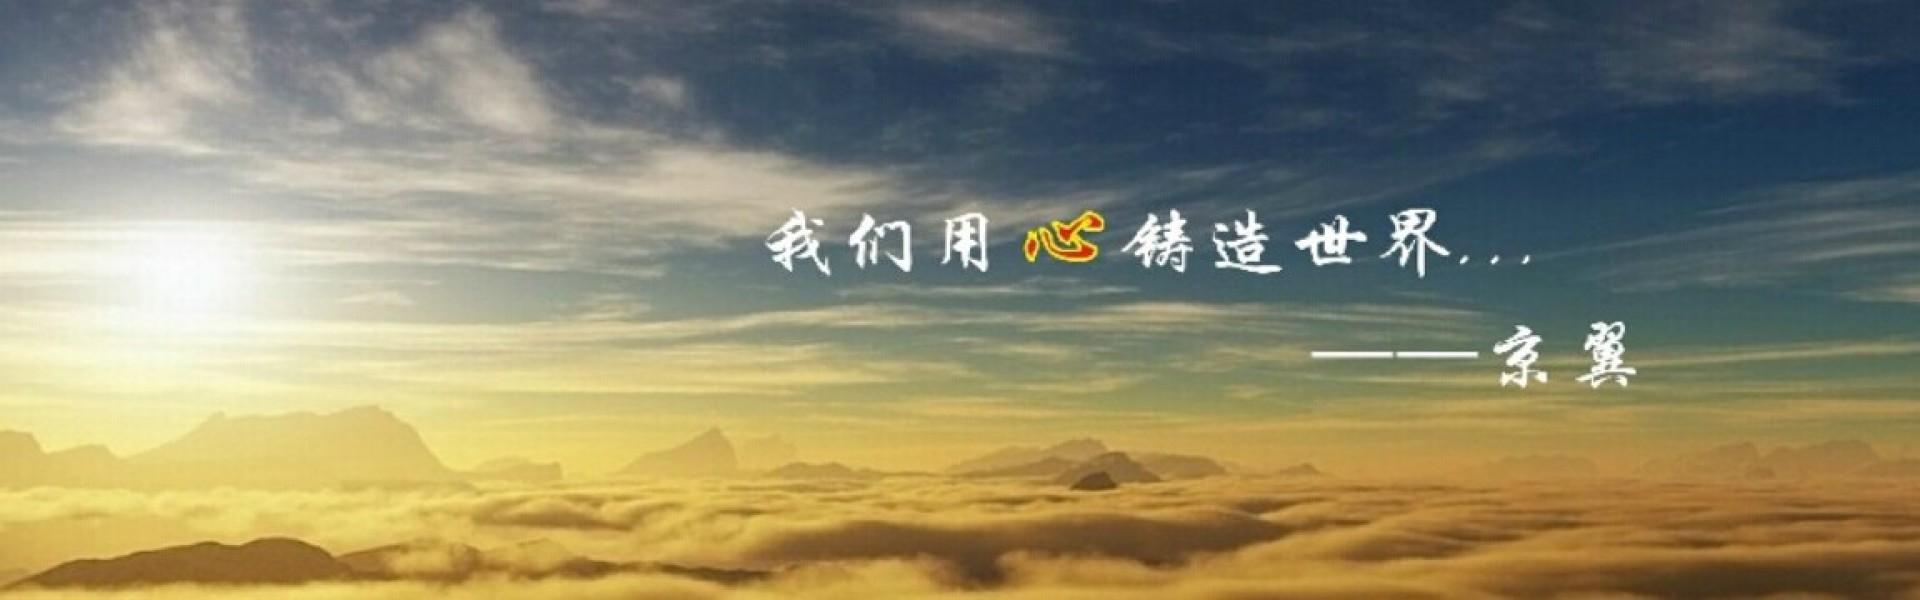 安徽京翼建筑工程检测有限公司网站首页大图之三